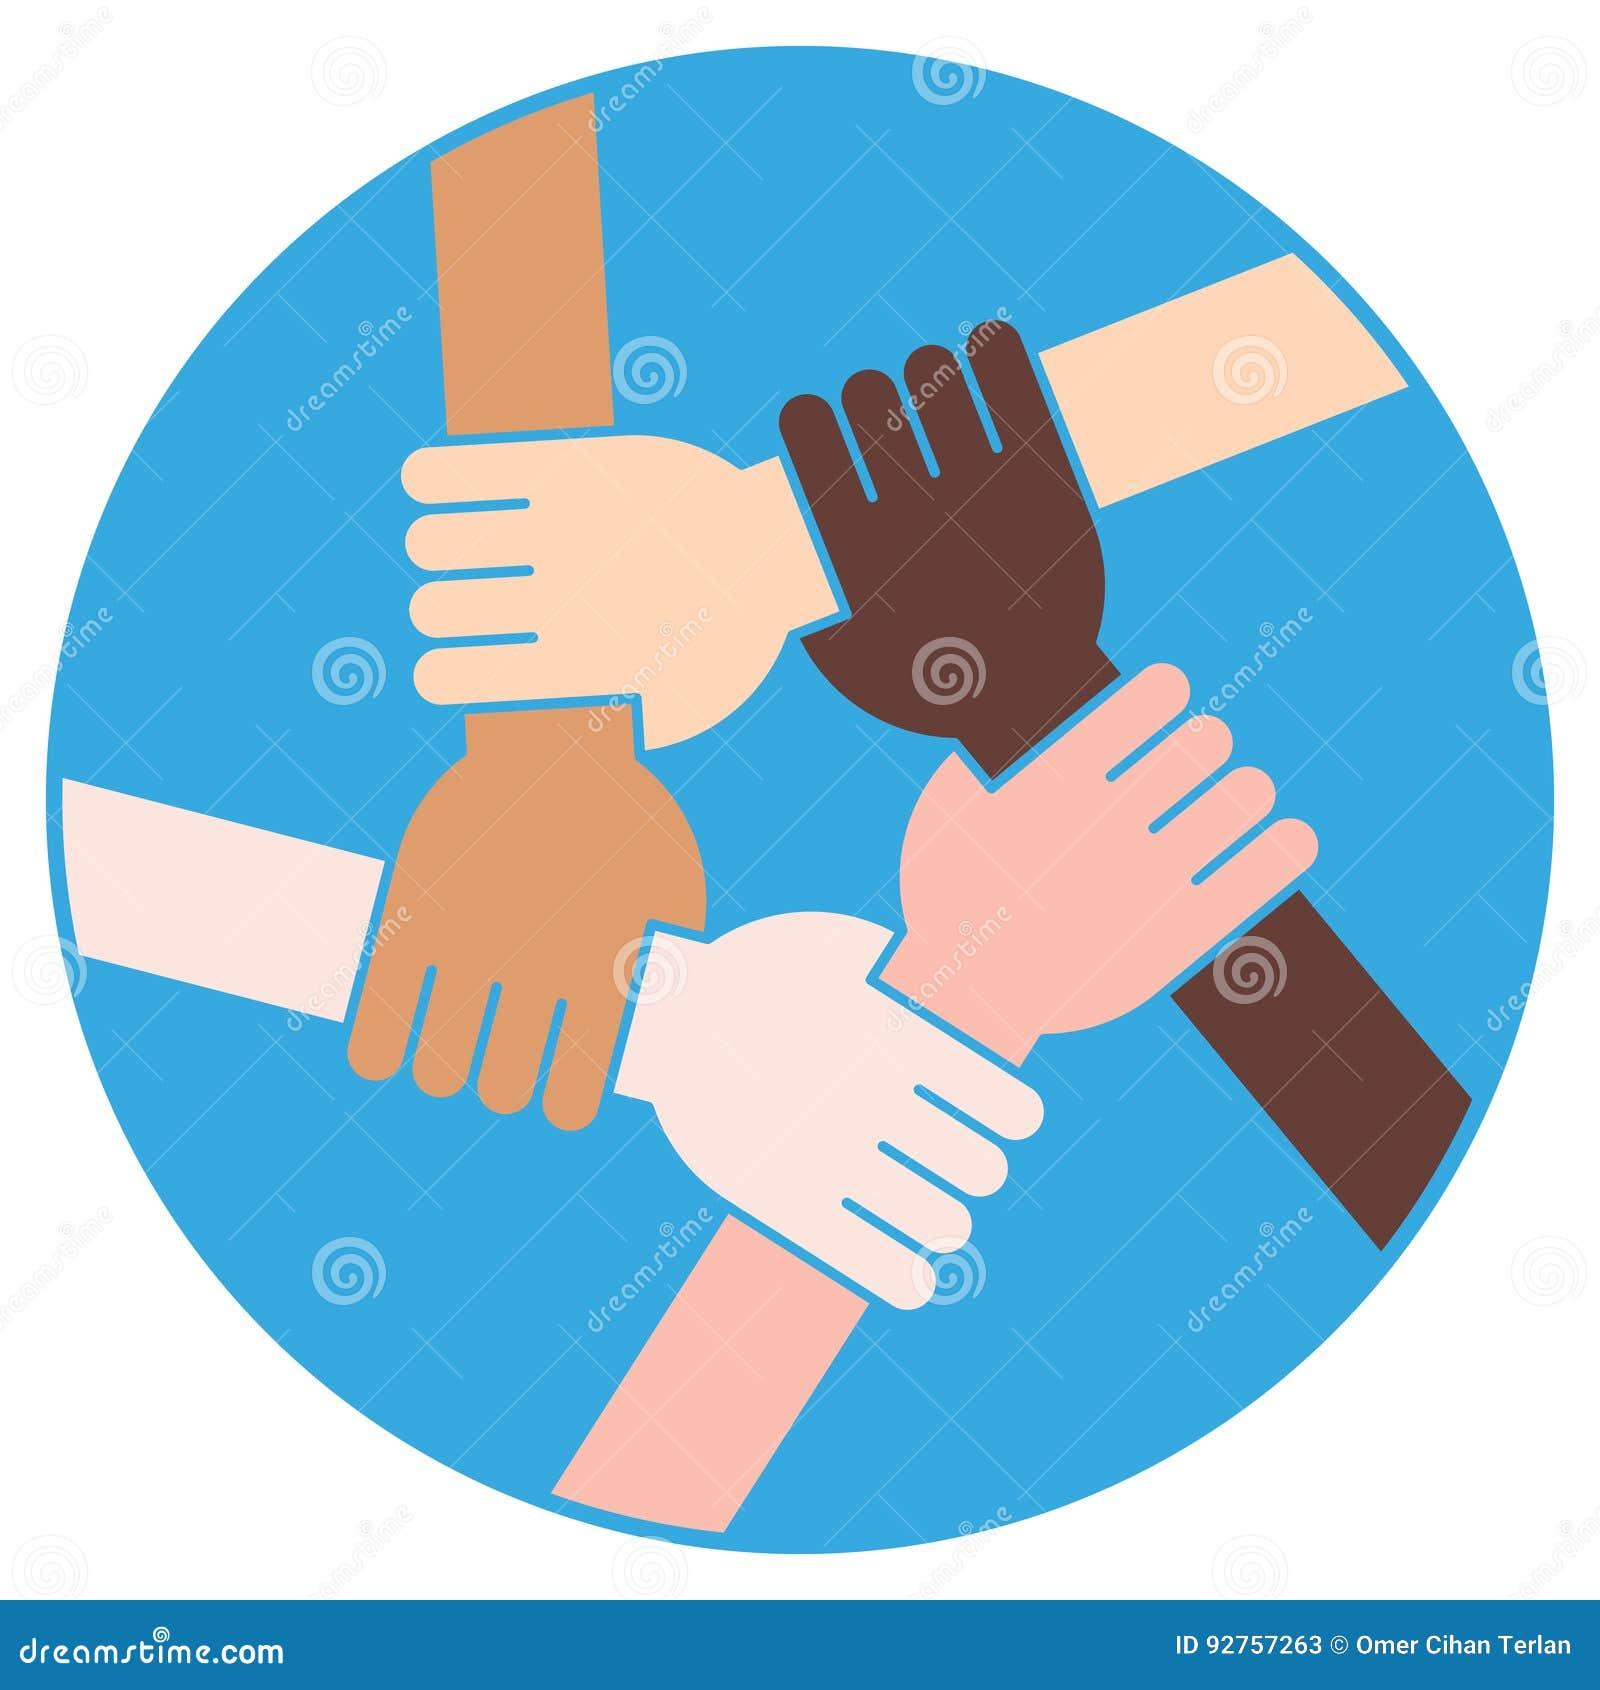 Círculo De La Amistad Para La Solidaridad Y El Trabajo En Equipo ...